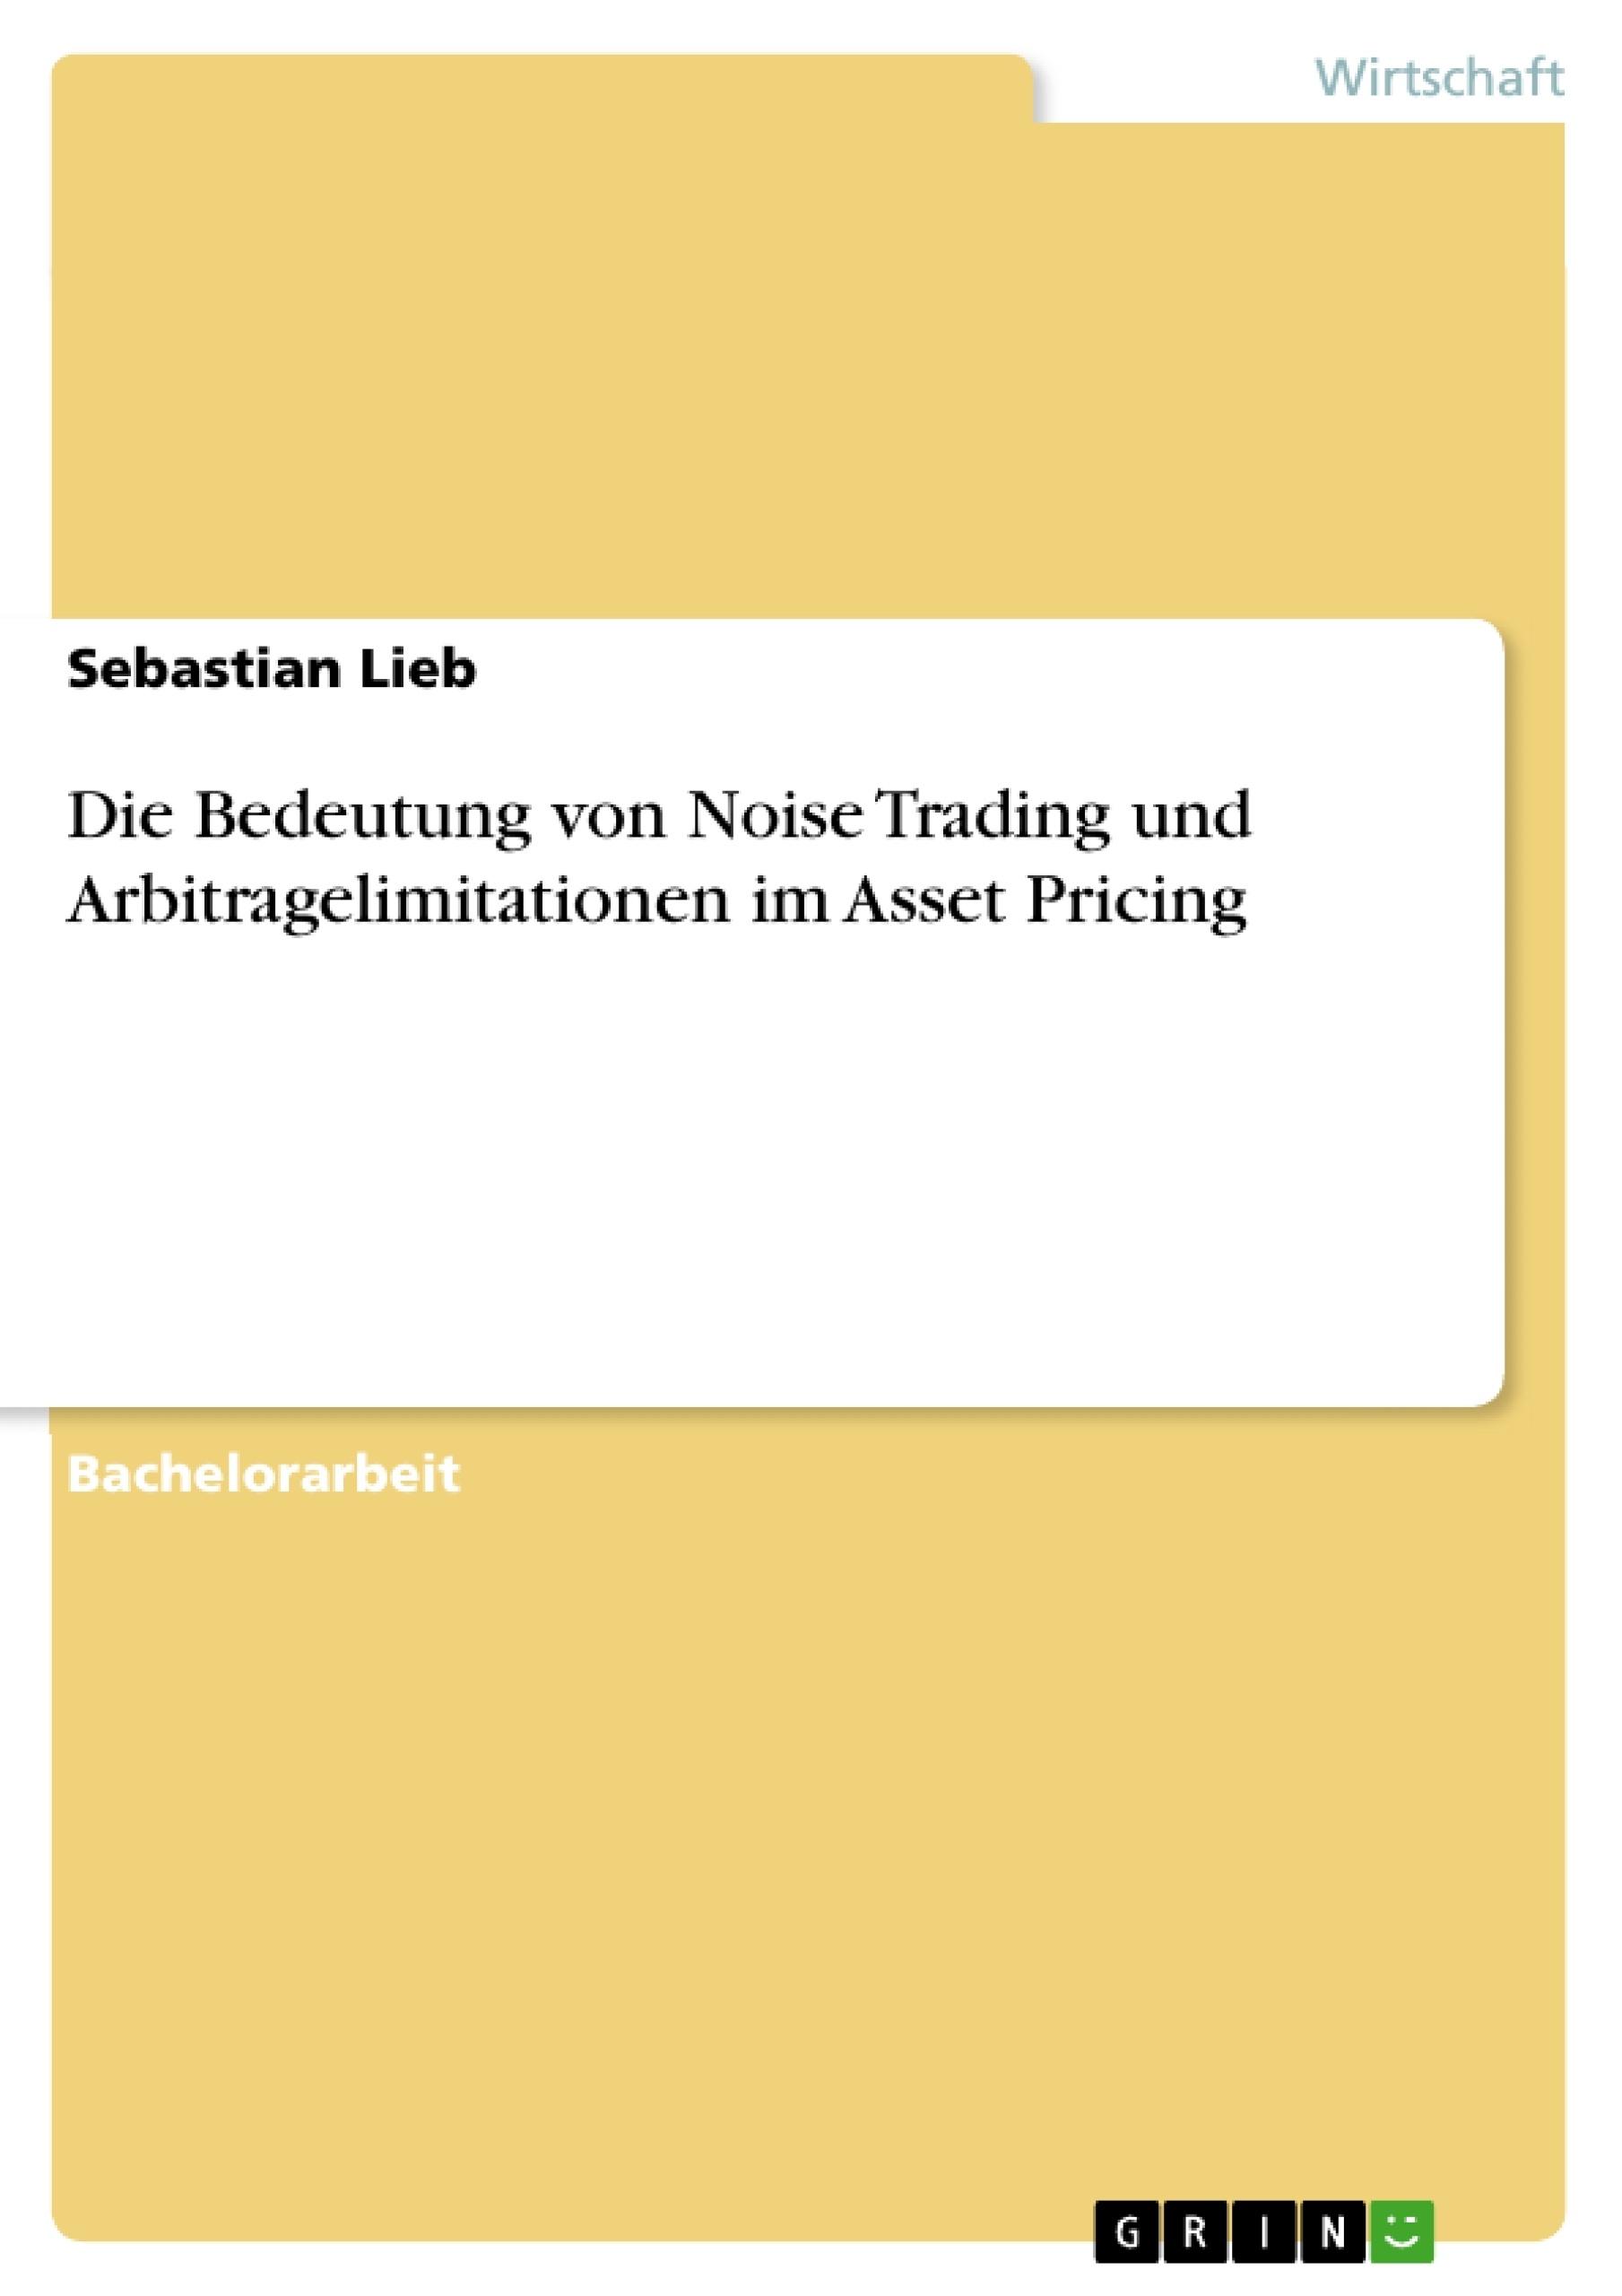 Titel: Die Bedeutung von Noise Trading und Arbitragelimitationen im Asset Pricing